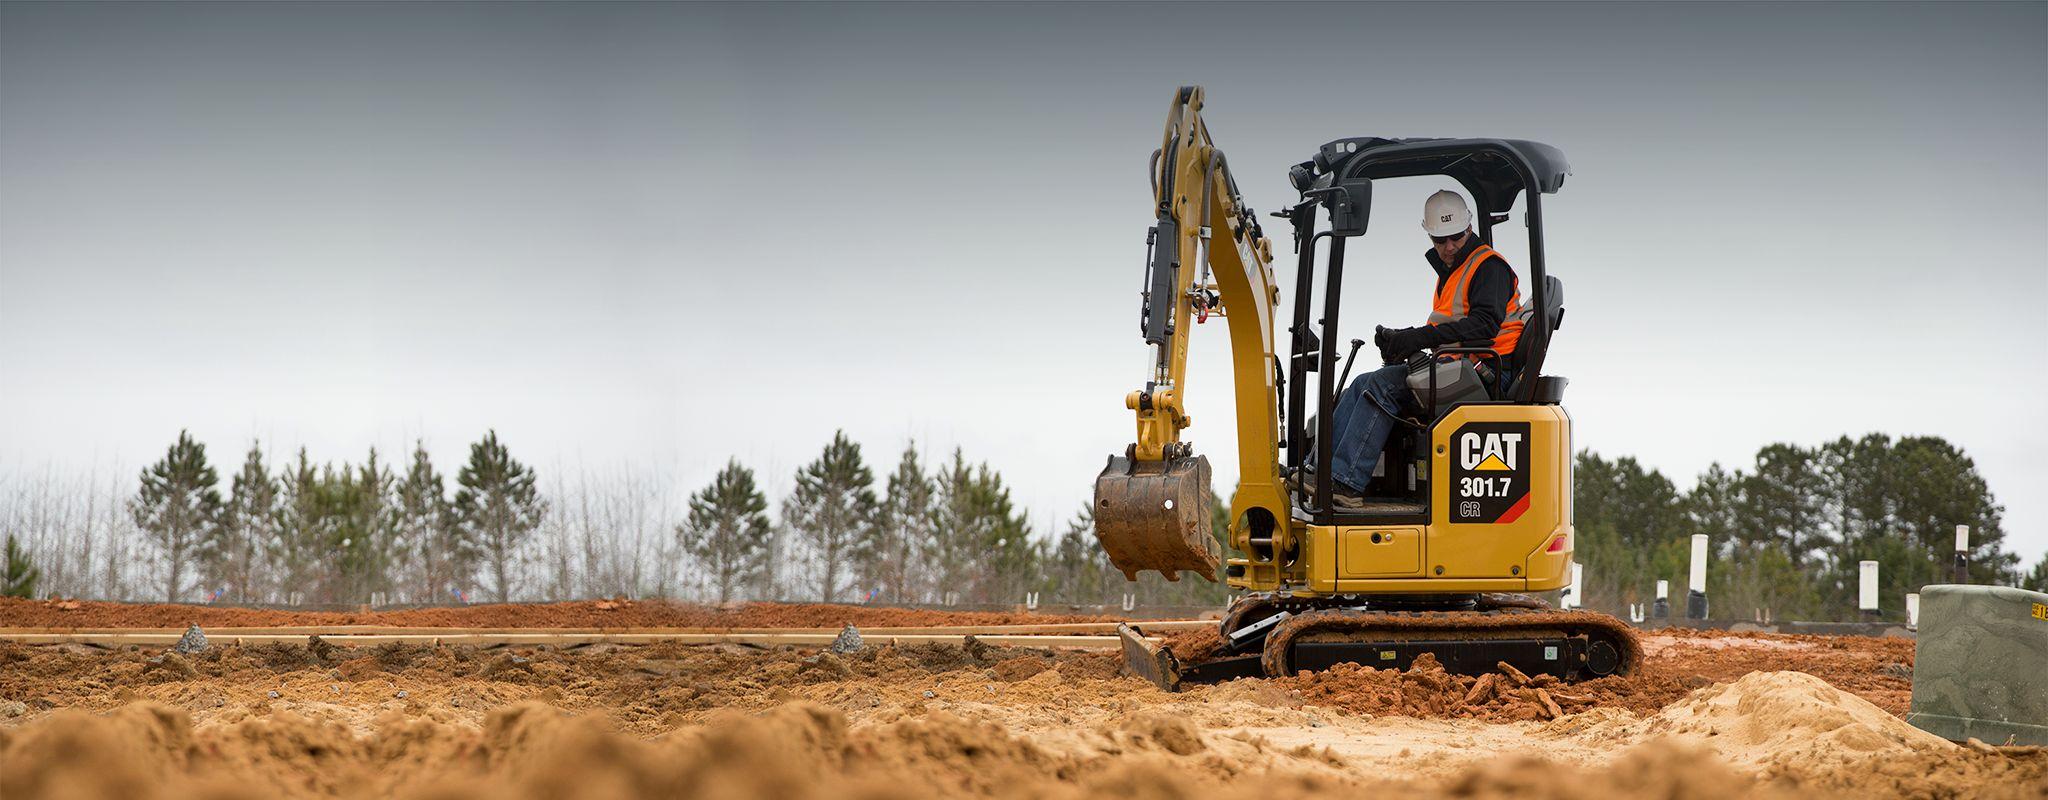 Cat Mini Excavator 301.7